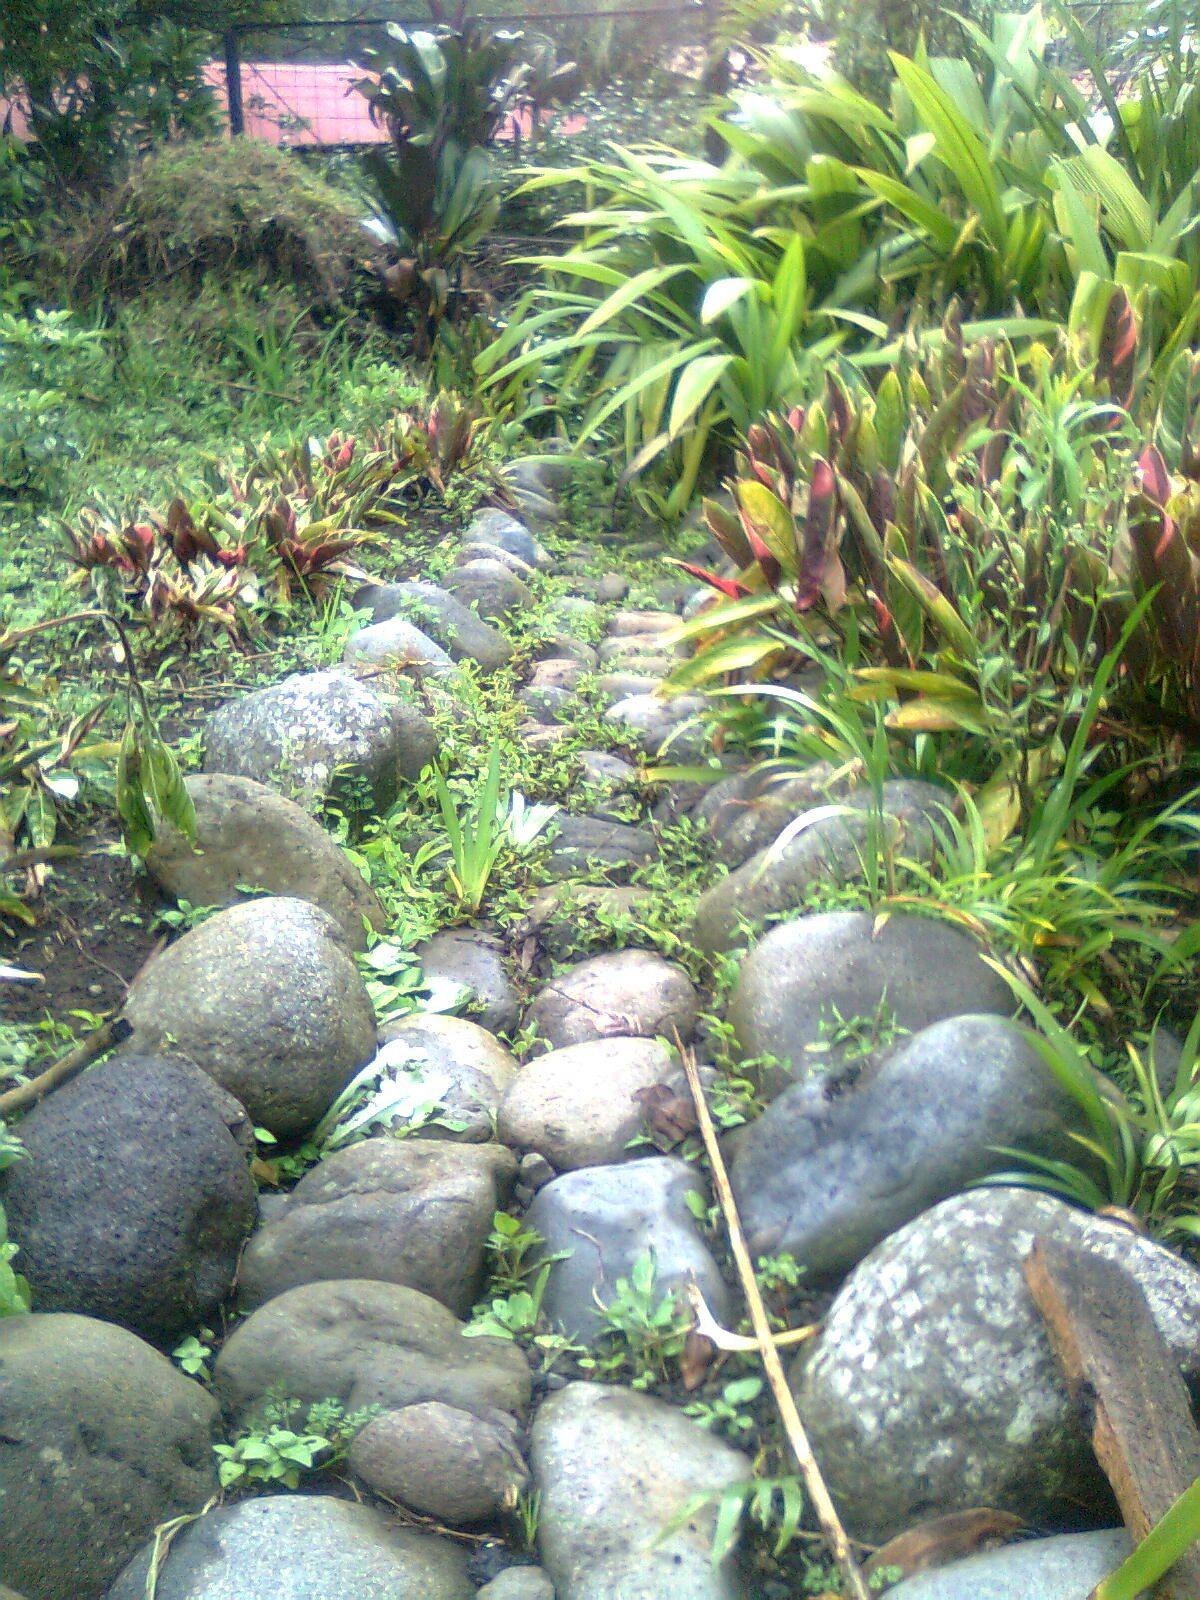 Calzada de piedra para drenaje de jardin el jard n - Piedra para jardineria ...